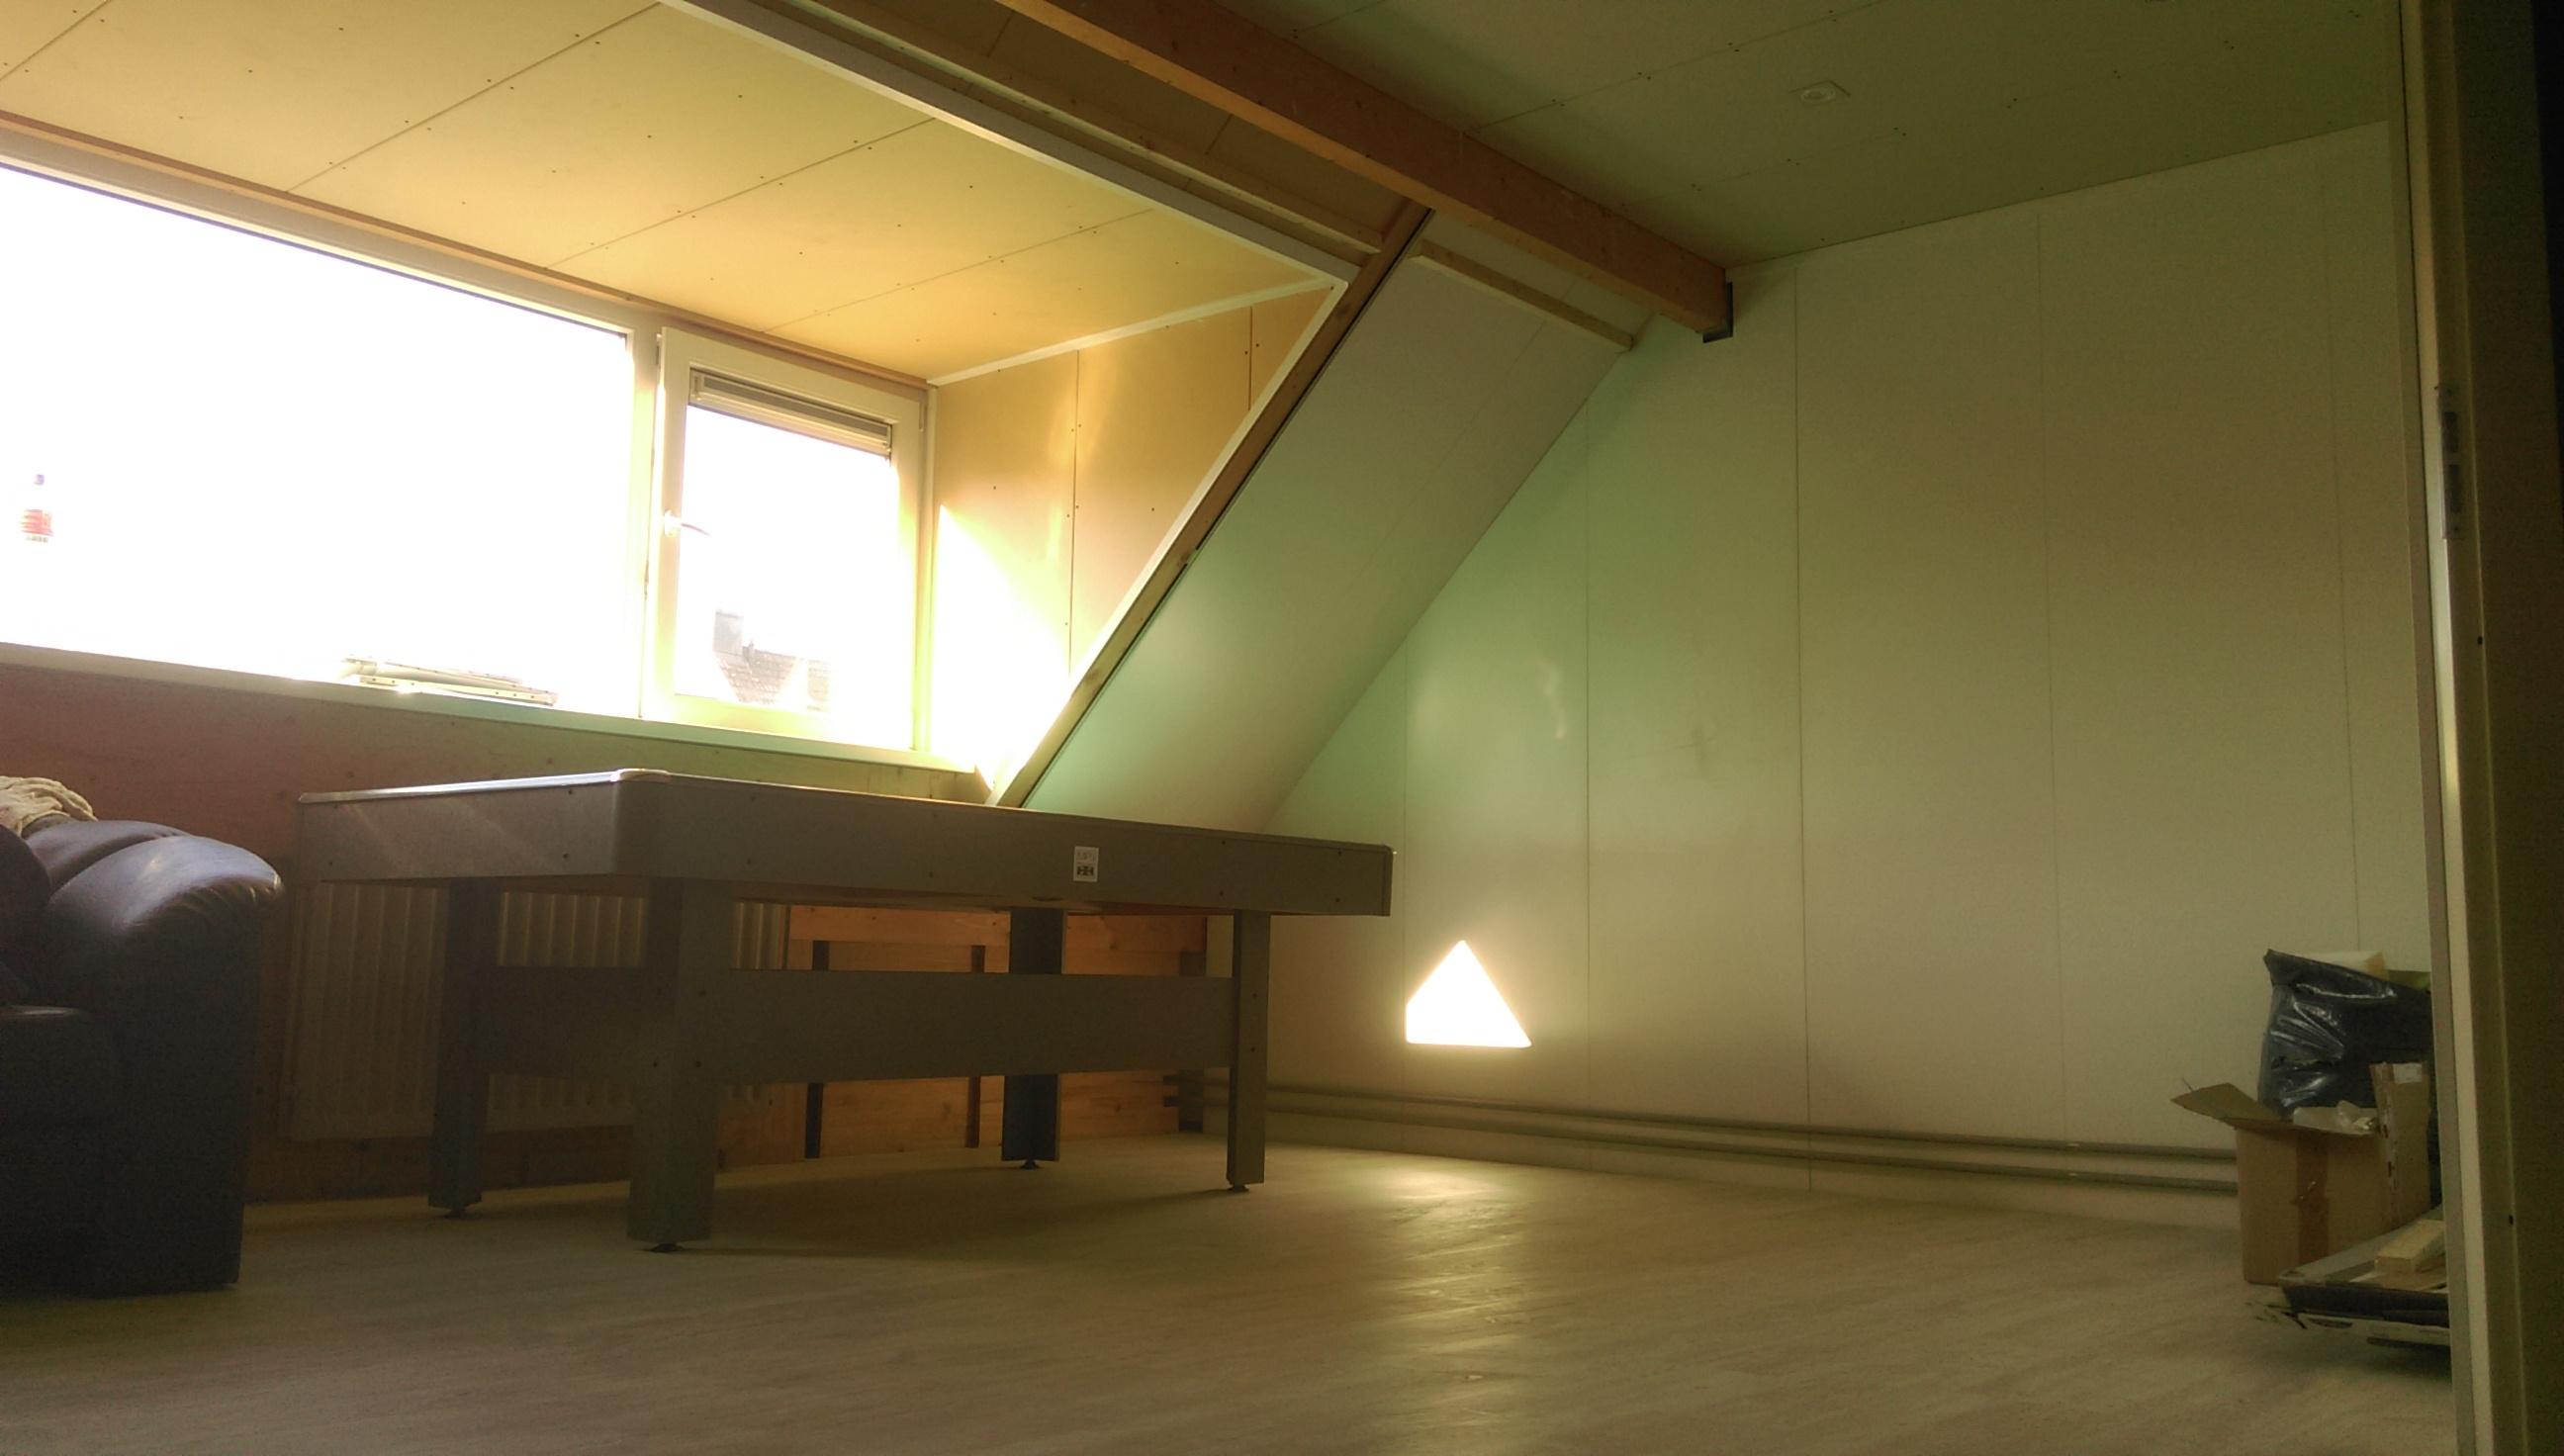 Zolderkamer aangepast voor werkruimte